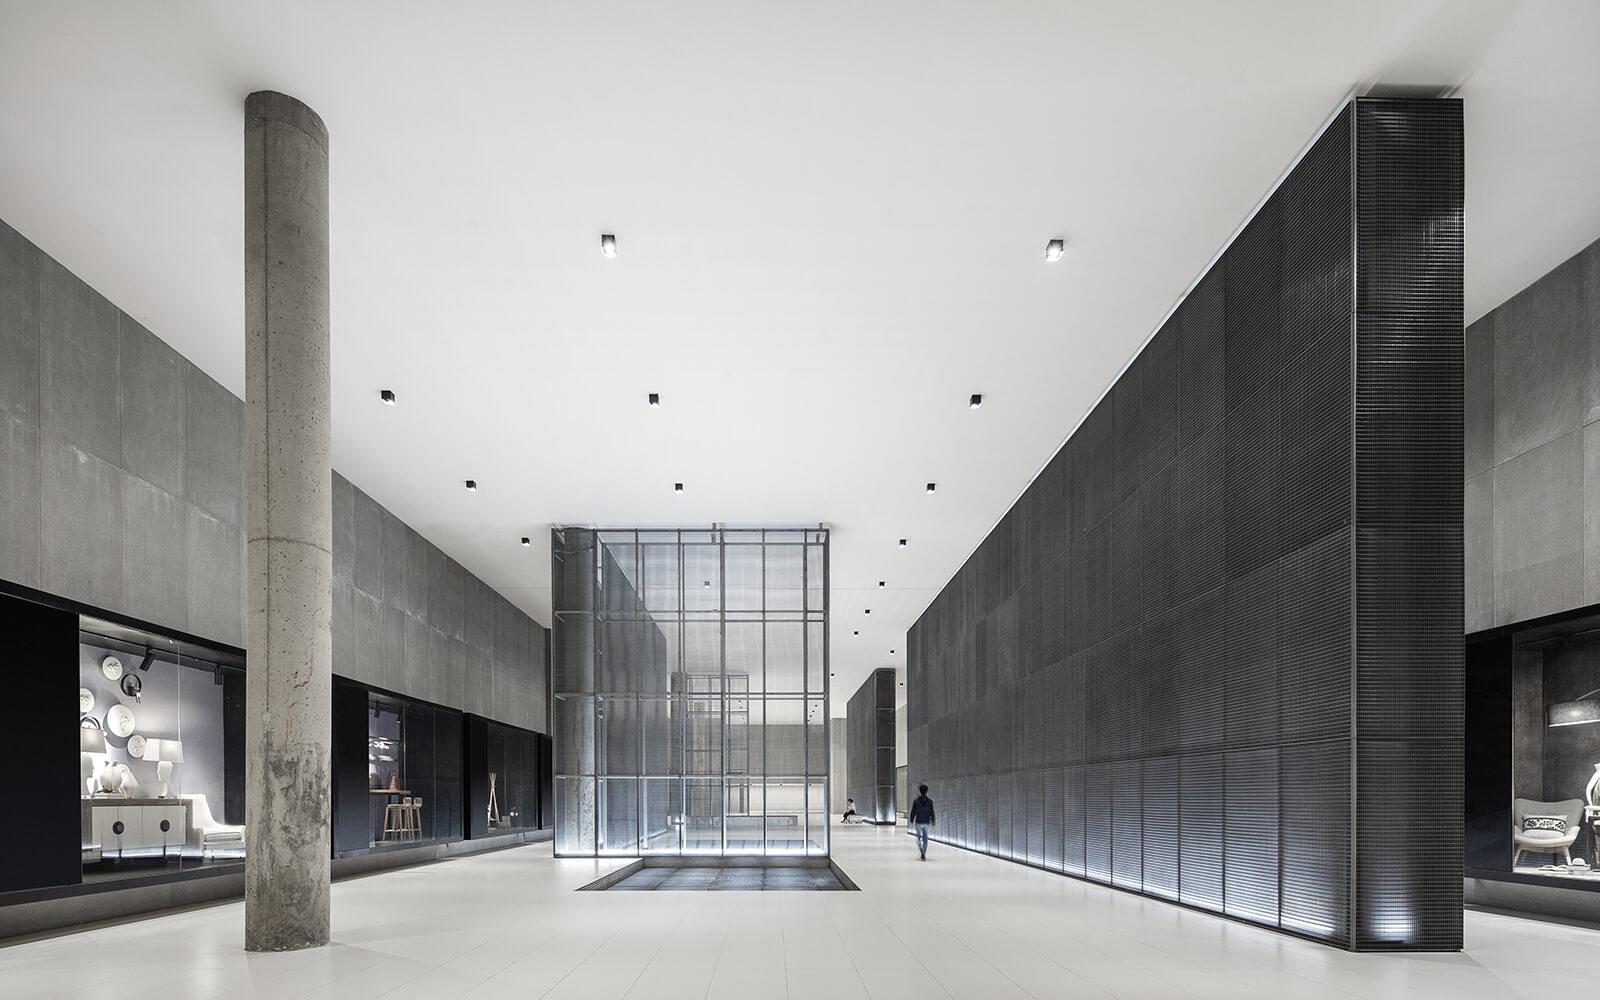 湖南浩安公装公司装修设计资讯知识浅谈湖南办公室装修中室内设计主从与重点